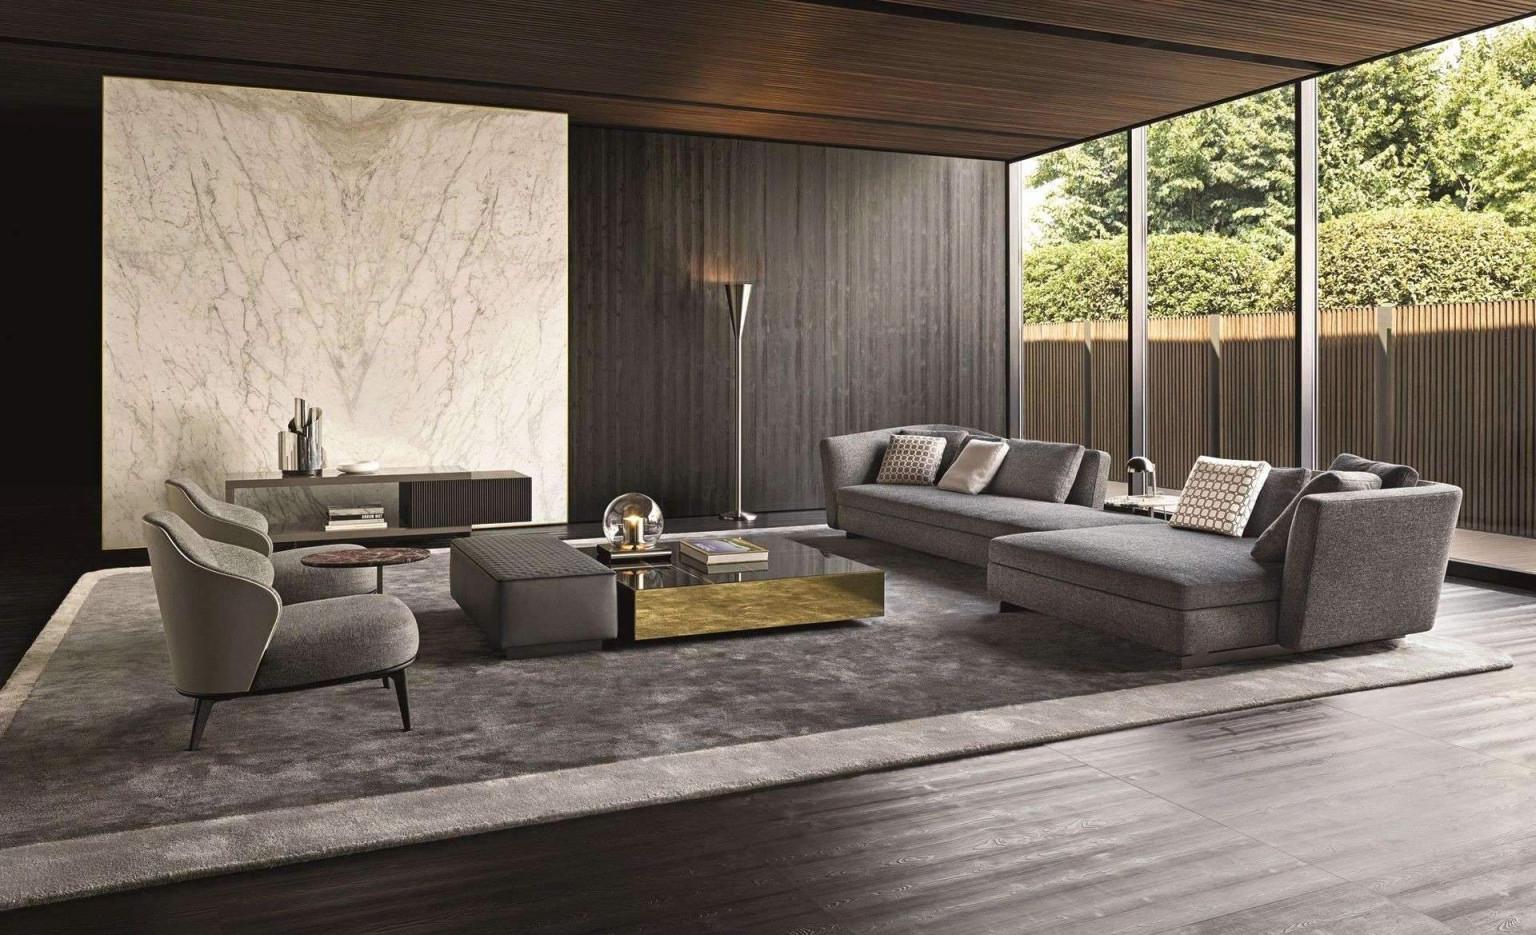 Deckenverkleidung Wohnzimmer Elegant Wohnzimmer Decken Ideen von Moderne Deckenverkleidung Wohnzimmer Photo